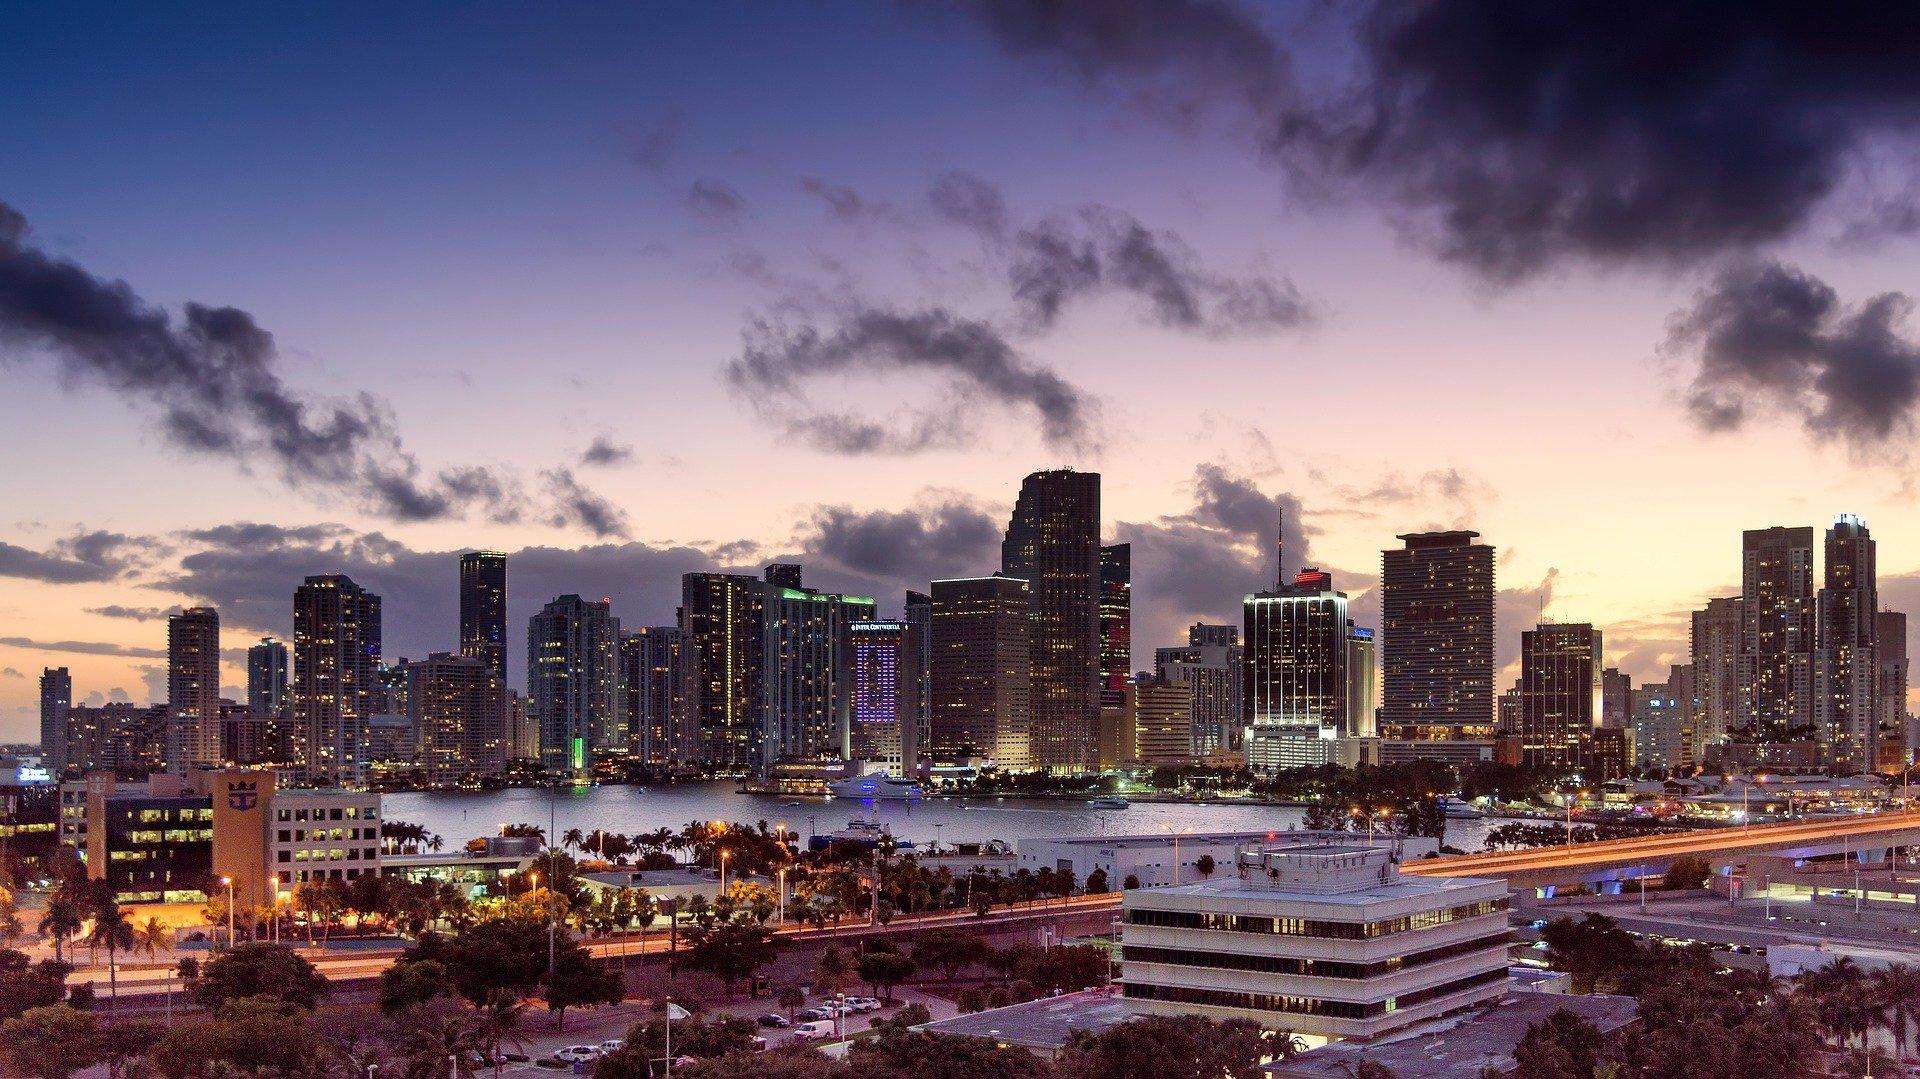 Sprachreise nach Miami: Empfehlungen & Vergleich (11/20)